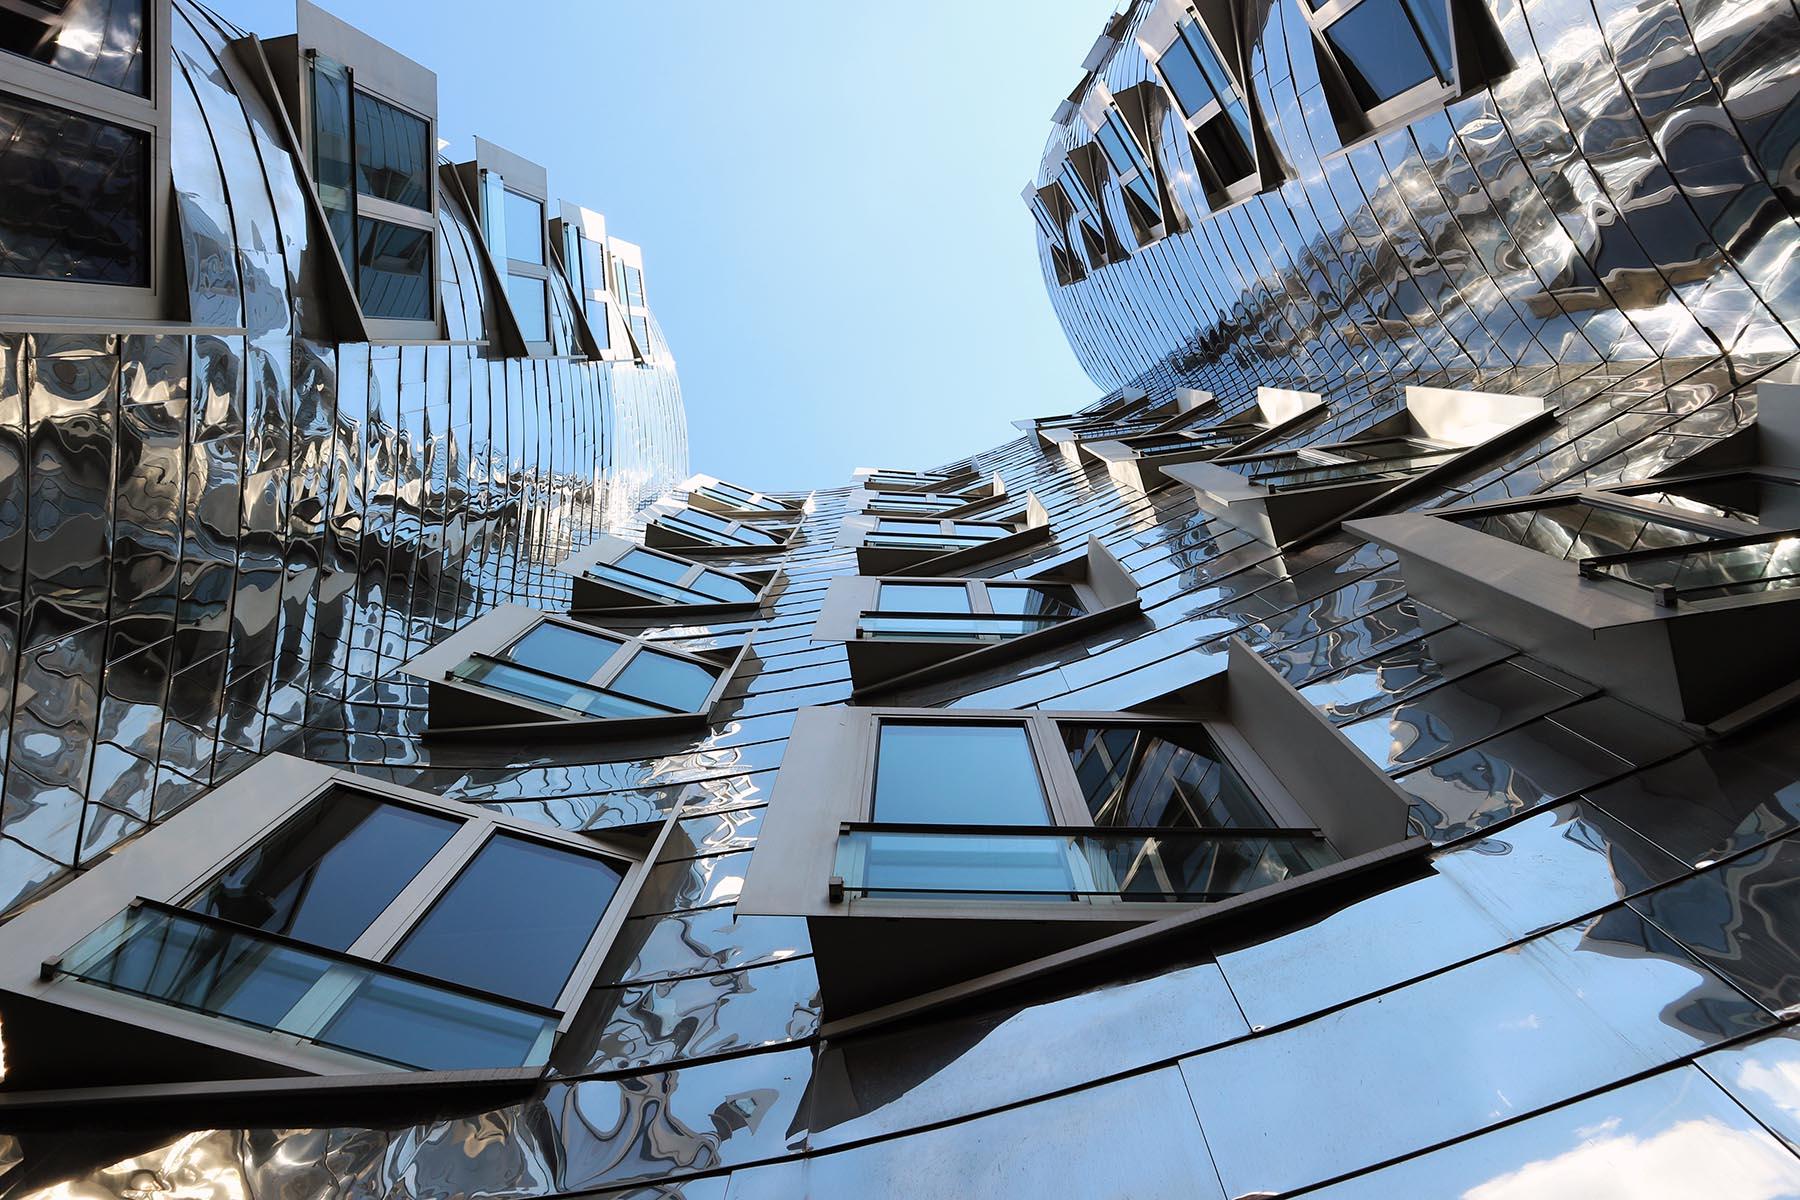 """Neuer Zollhof 1–3.  The developer, """"Kunst- und Medienzentrum Rheinhafen GmbH"""", commissioned the Dusseldorf-based """"BM+P-Architekten und Stadtplaner Beucker Maschlanka und Partner"""" and """"Philipp Holzmann Bauprojekt AG Niederlassung Dusseldorf"""" with the execution of Gehry's designs."""